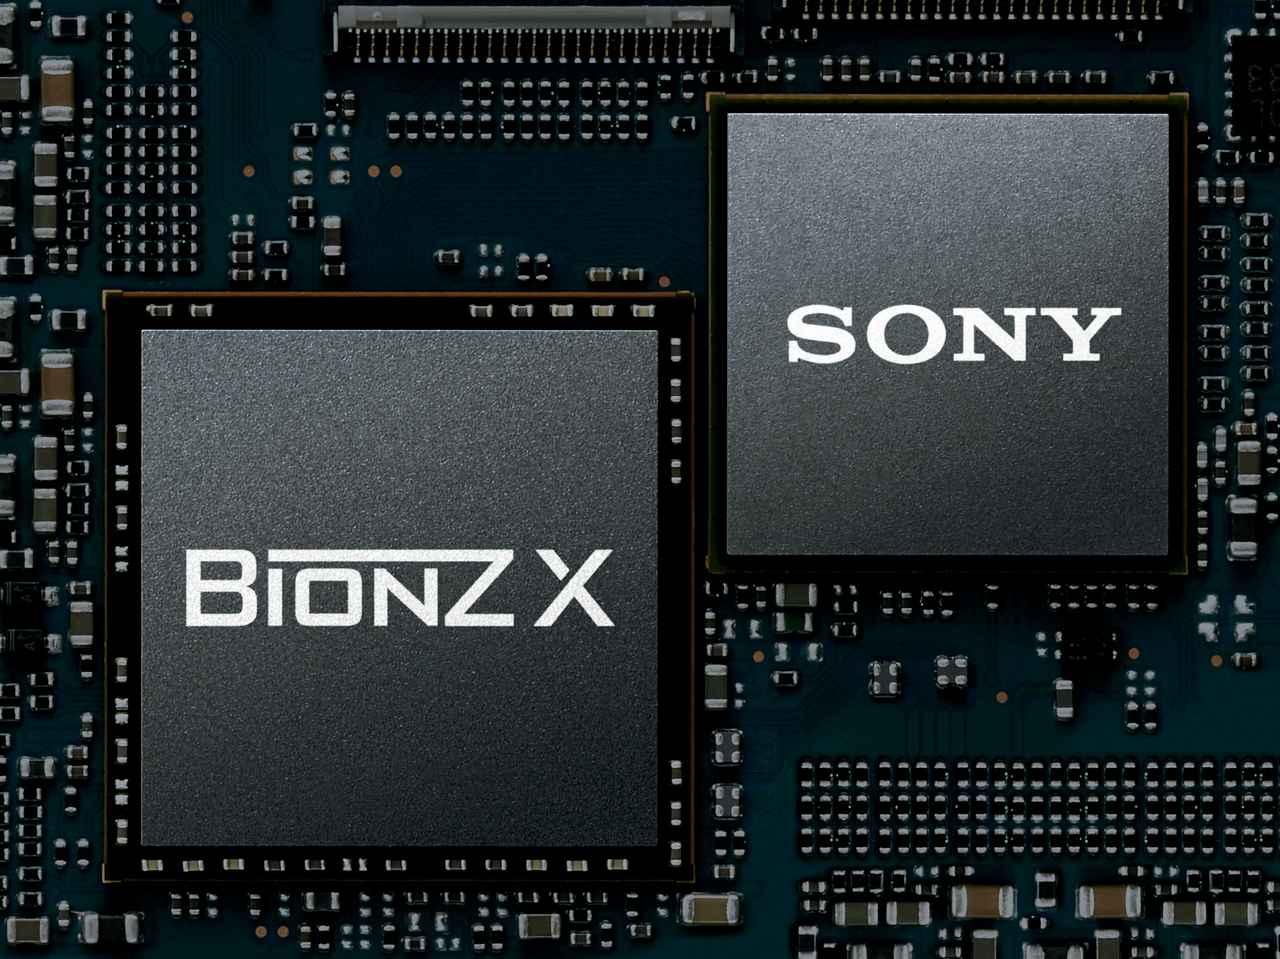 画像: ▲画像処理エンジンの名称は「BIOZ X」のまま、中身は新機種ごとに著しく進化している。低感度時には約15倍(RAW設定時)の広大なダイナミックレンジを実現したのは「BIOZ X」の貢献によるものだ。